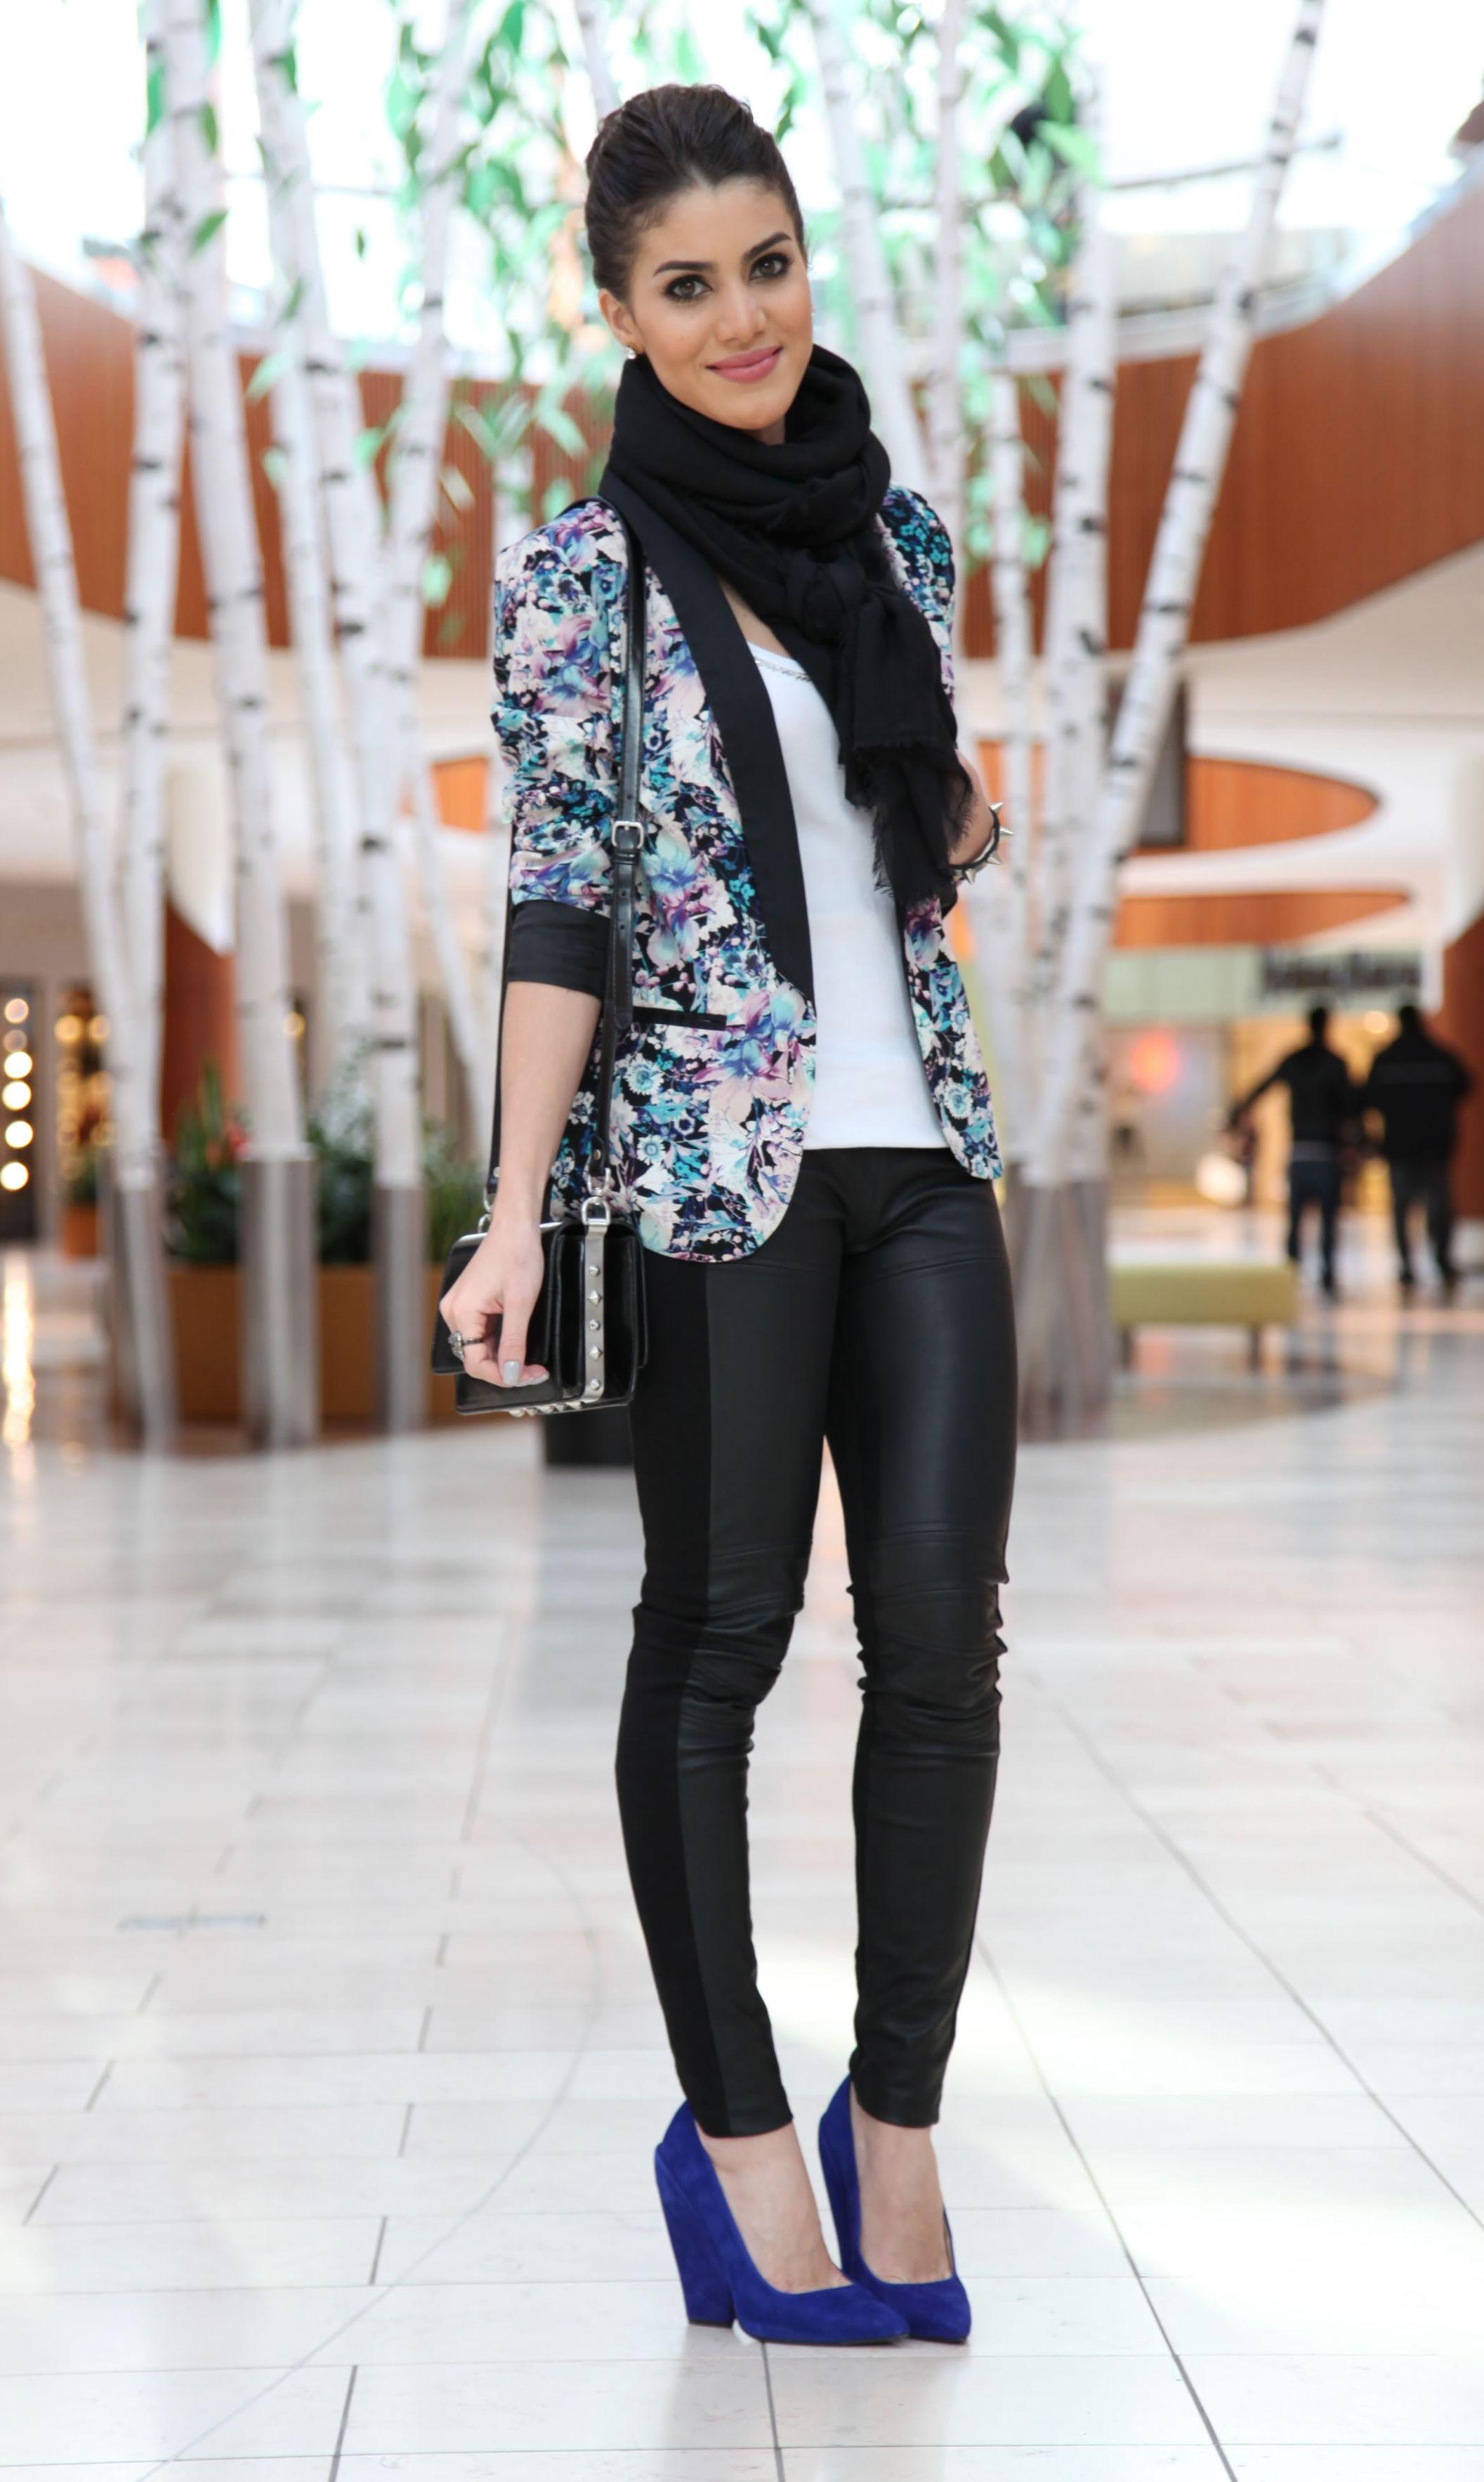 """Foto: Reprodução / <a href=""""http://camilacoelho.com/2013/01/10/look-do-dia-floral-blazer/"""" target=""""_blank"""">Camila Coelho</a>"""